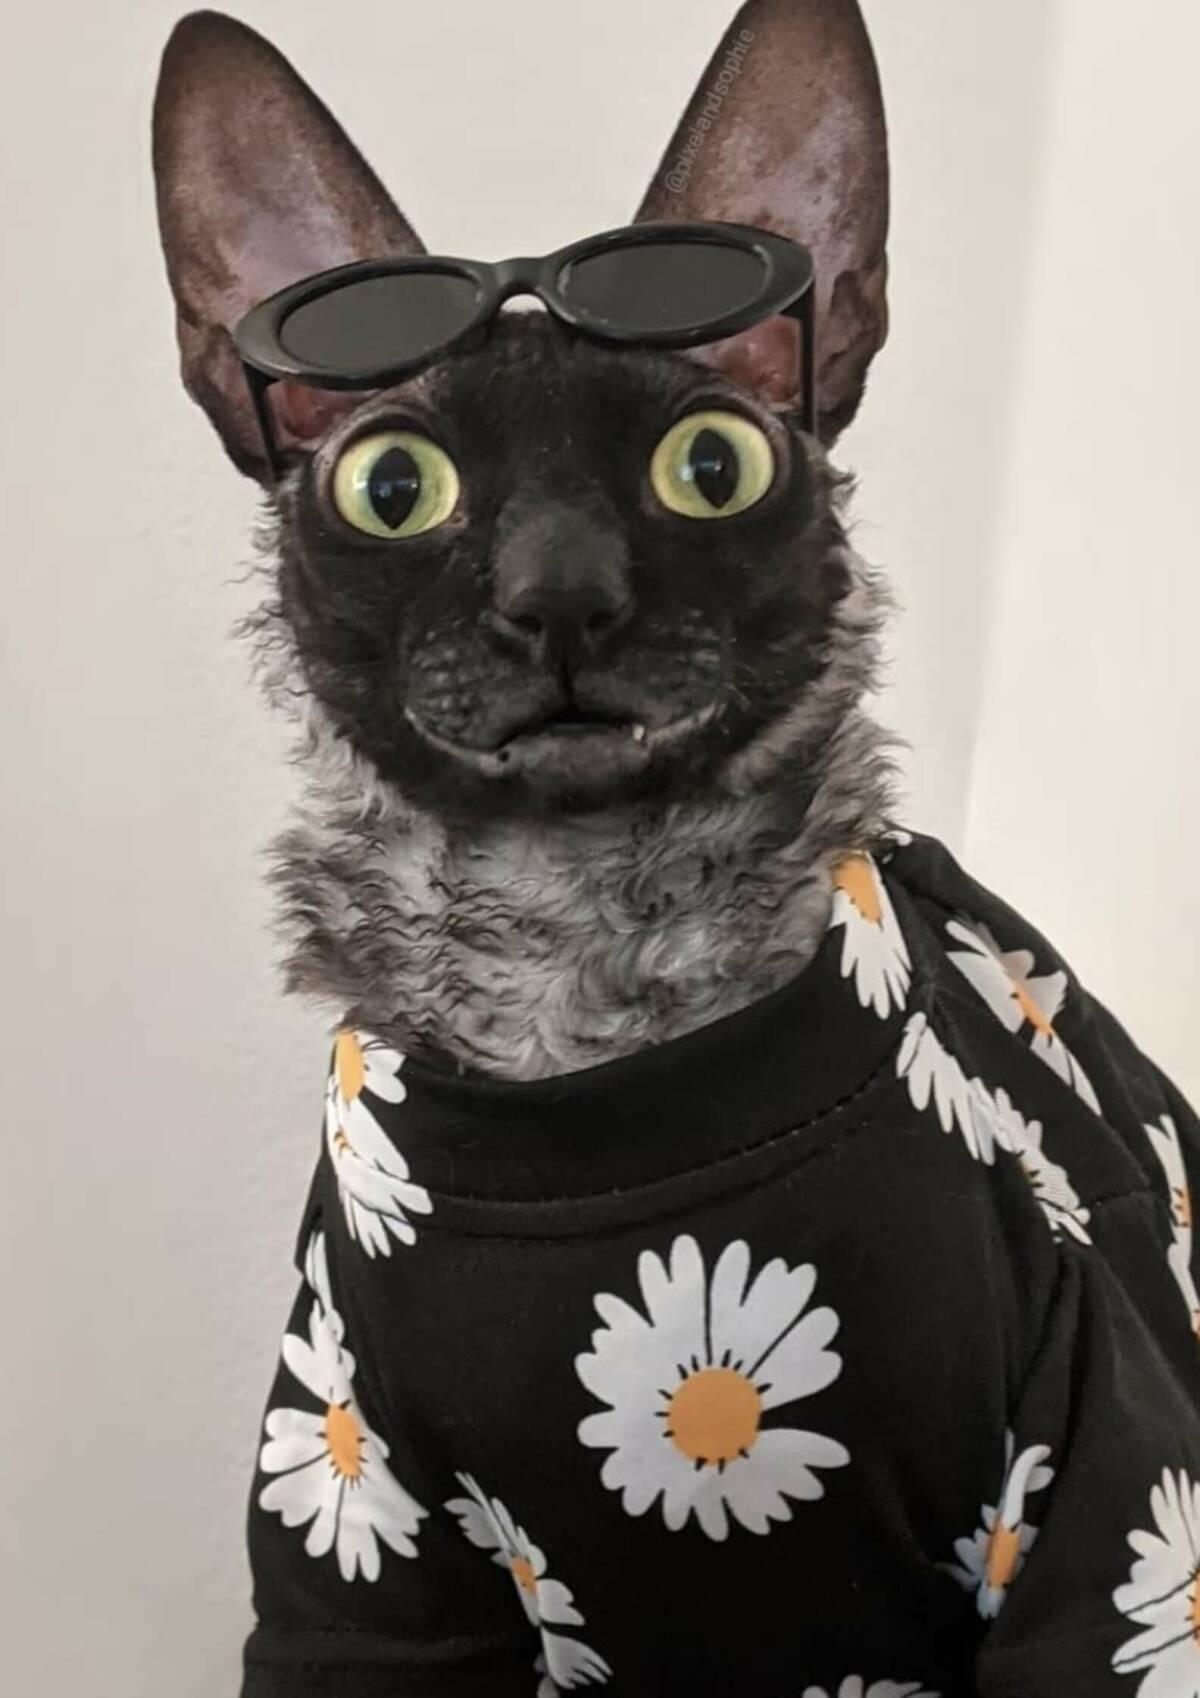 Pixel to kot z najlepszym uśmiechem pod słońcem. Futrzak stał się gwiazdą Internetu